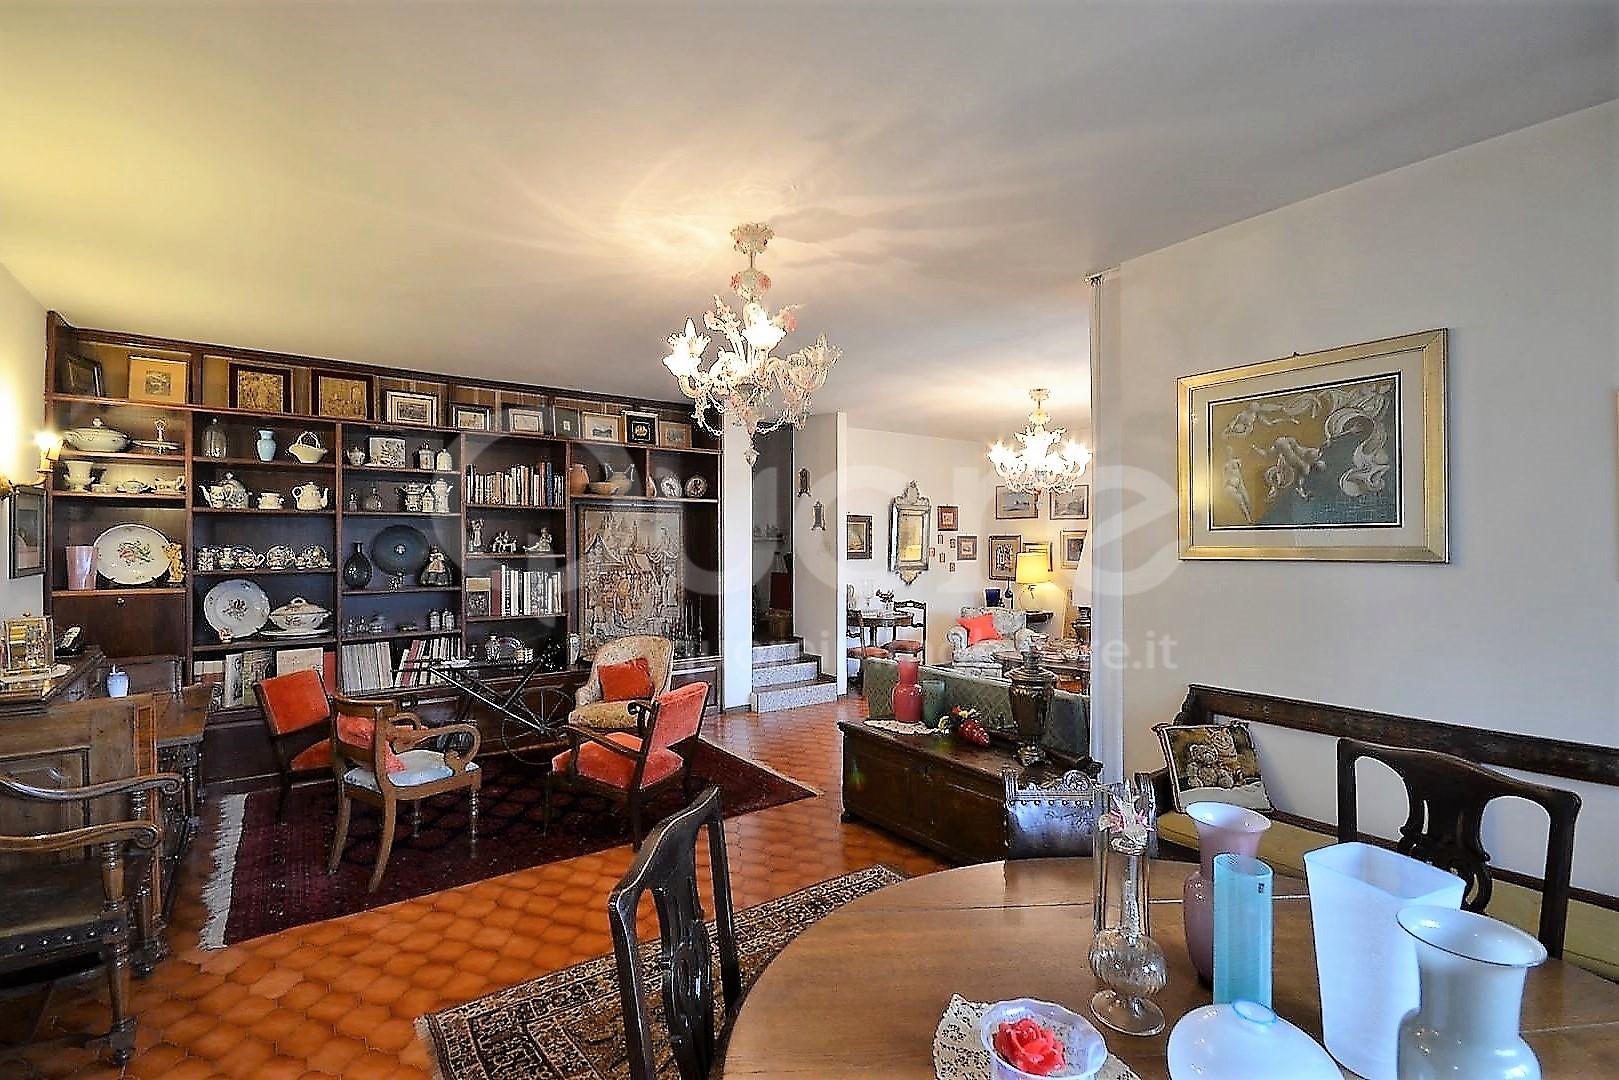 Villa in vendita a Tricesimo, 7 locali, zona Località: Morena, prezzo € 260.000 | CambioCasa.it